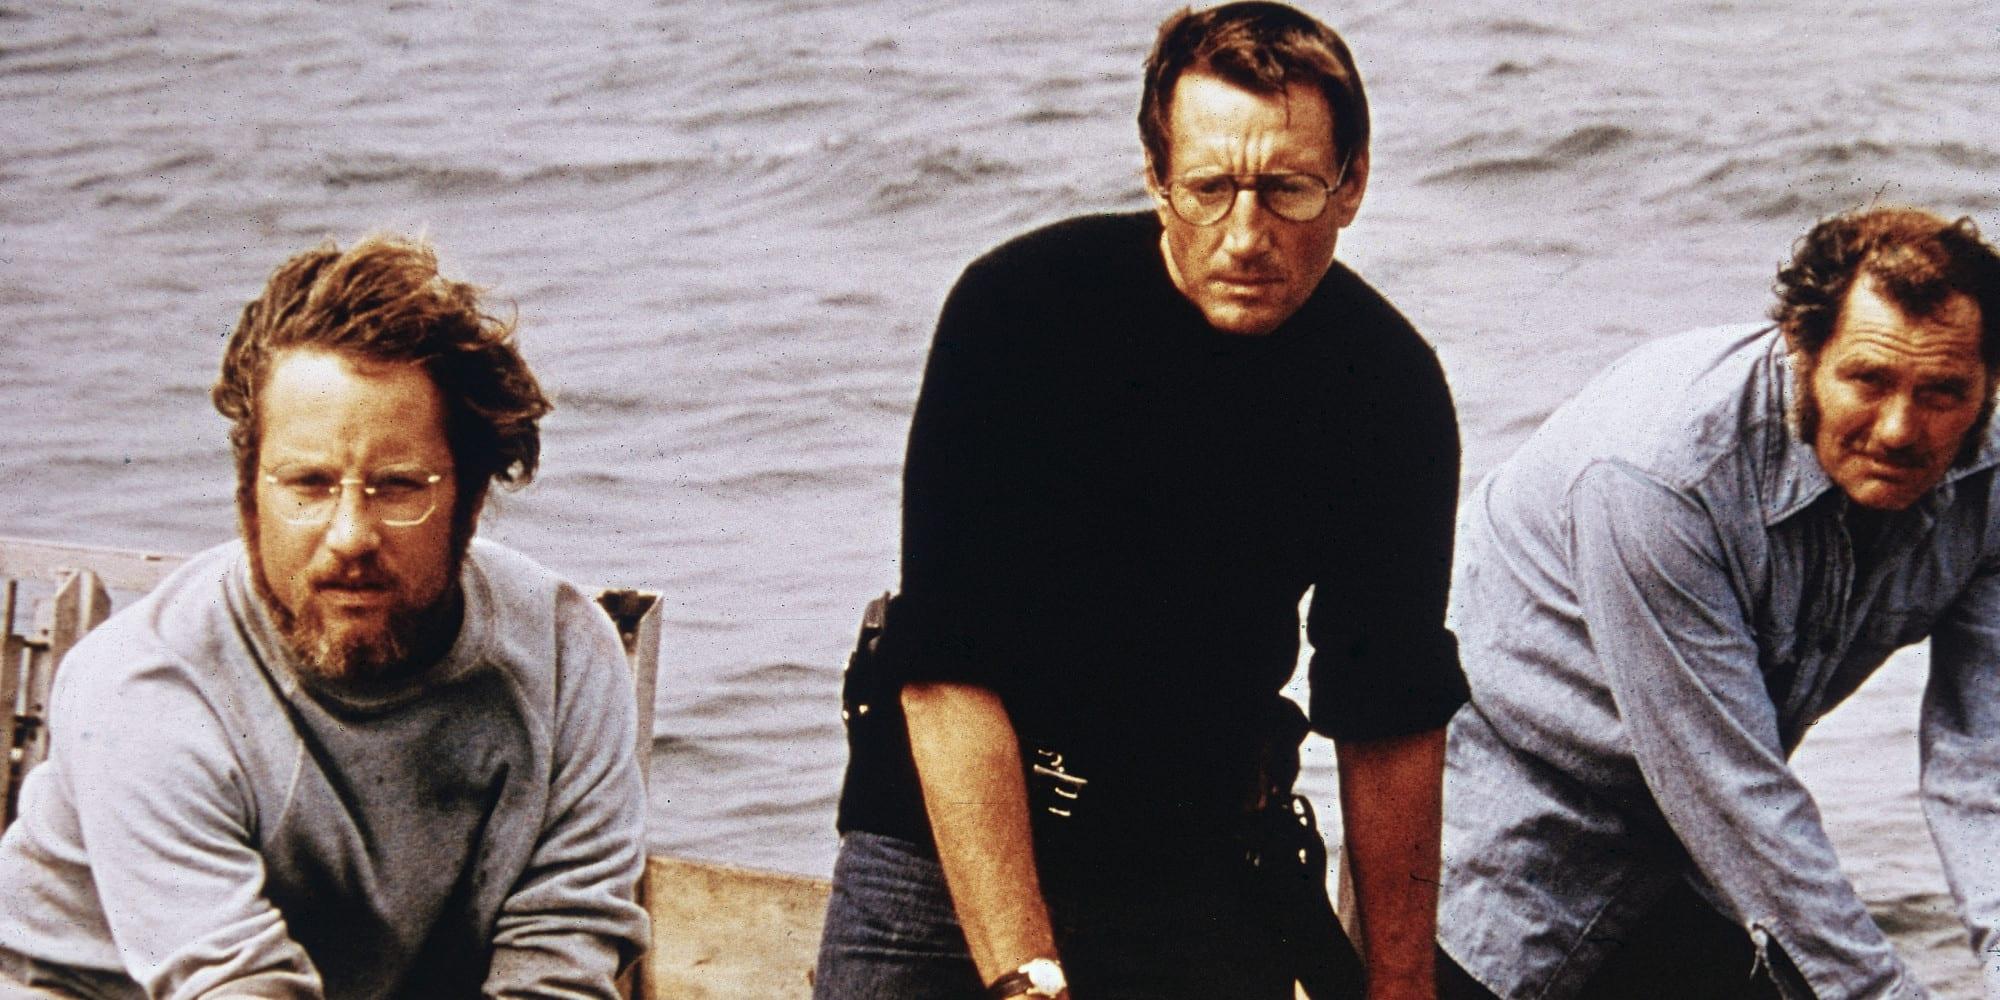 Crítica de cine: Tiburón